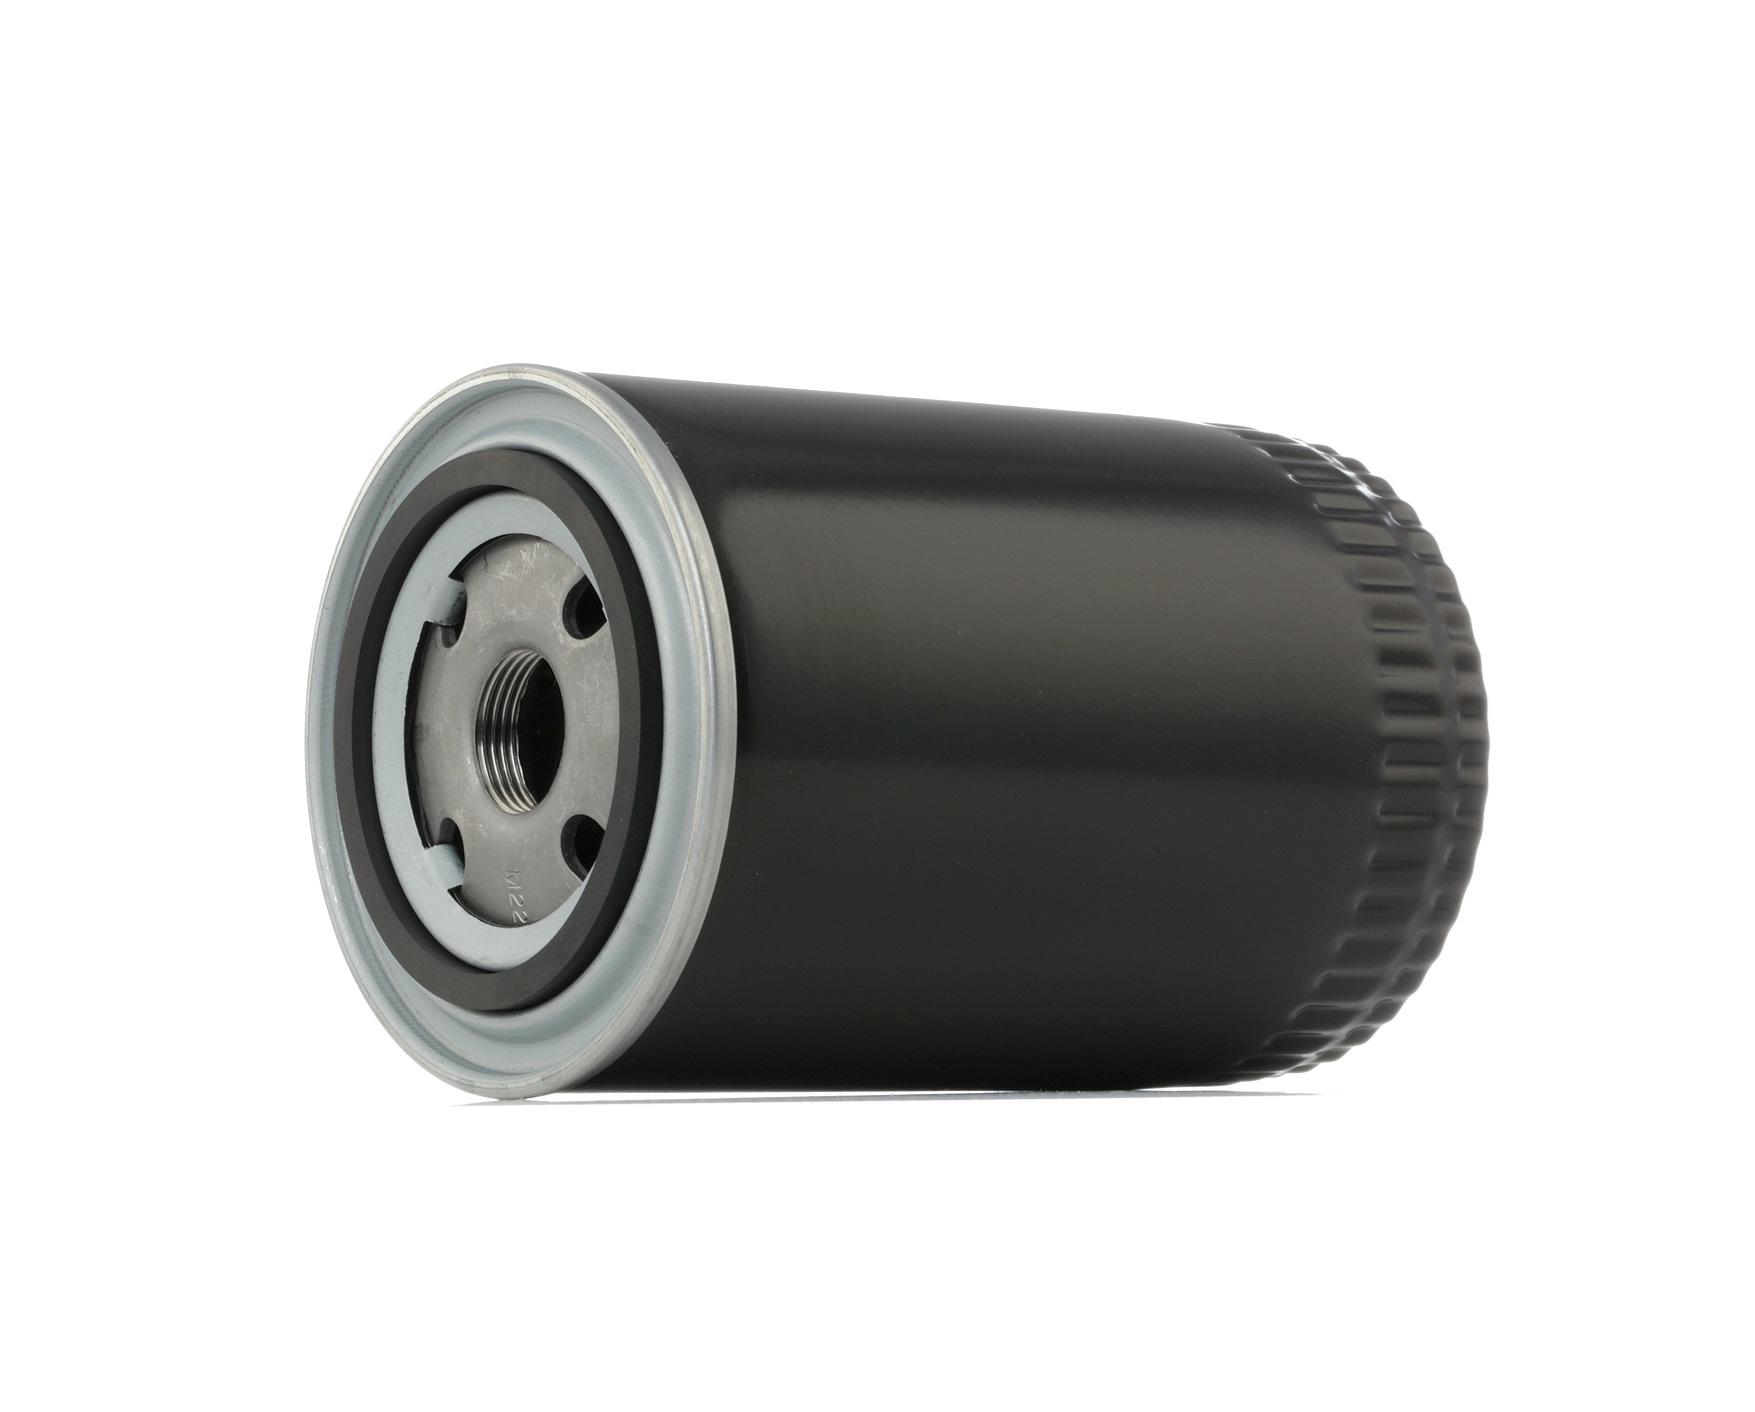 Achetez des Filtre à huile RIDEX 7O0111 à prix modérés